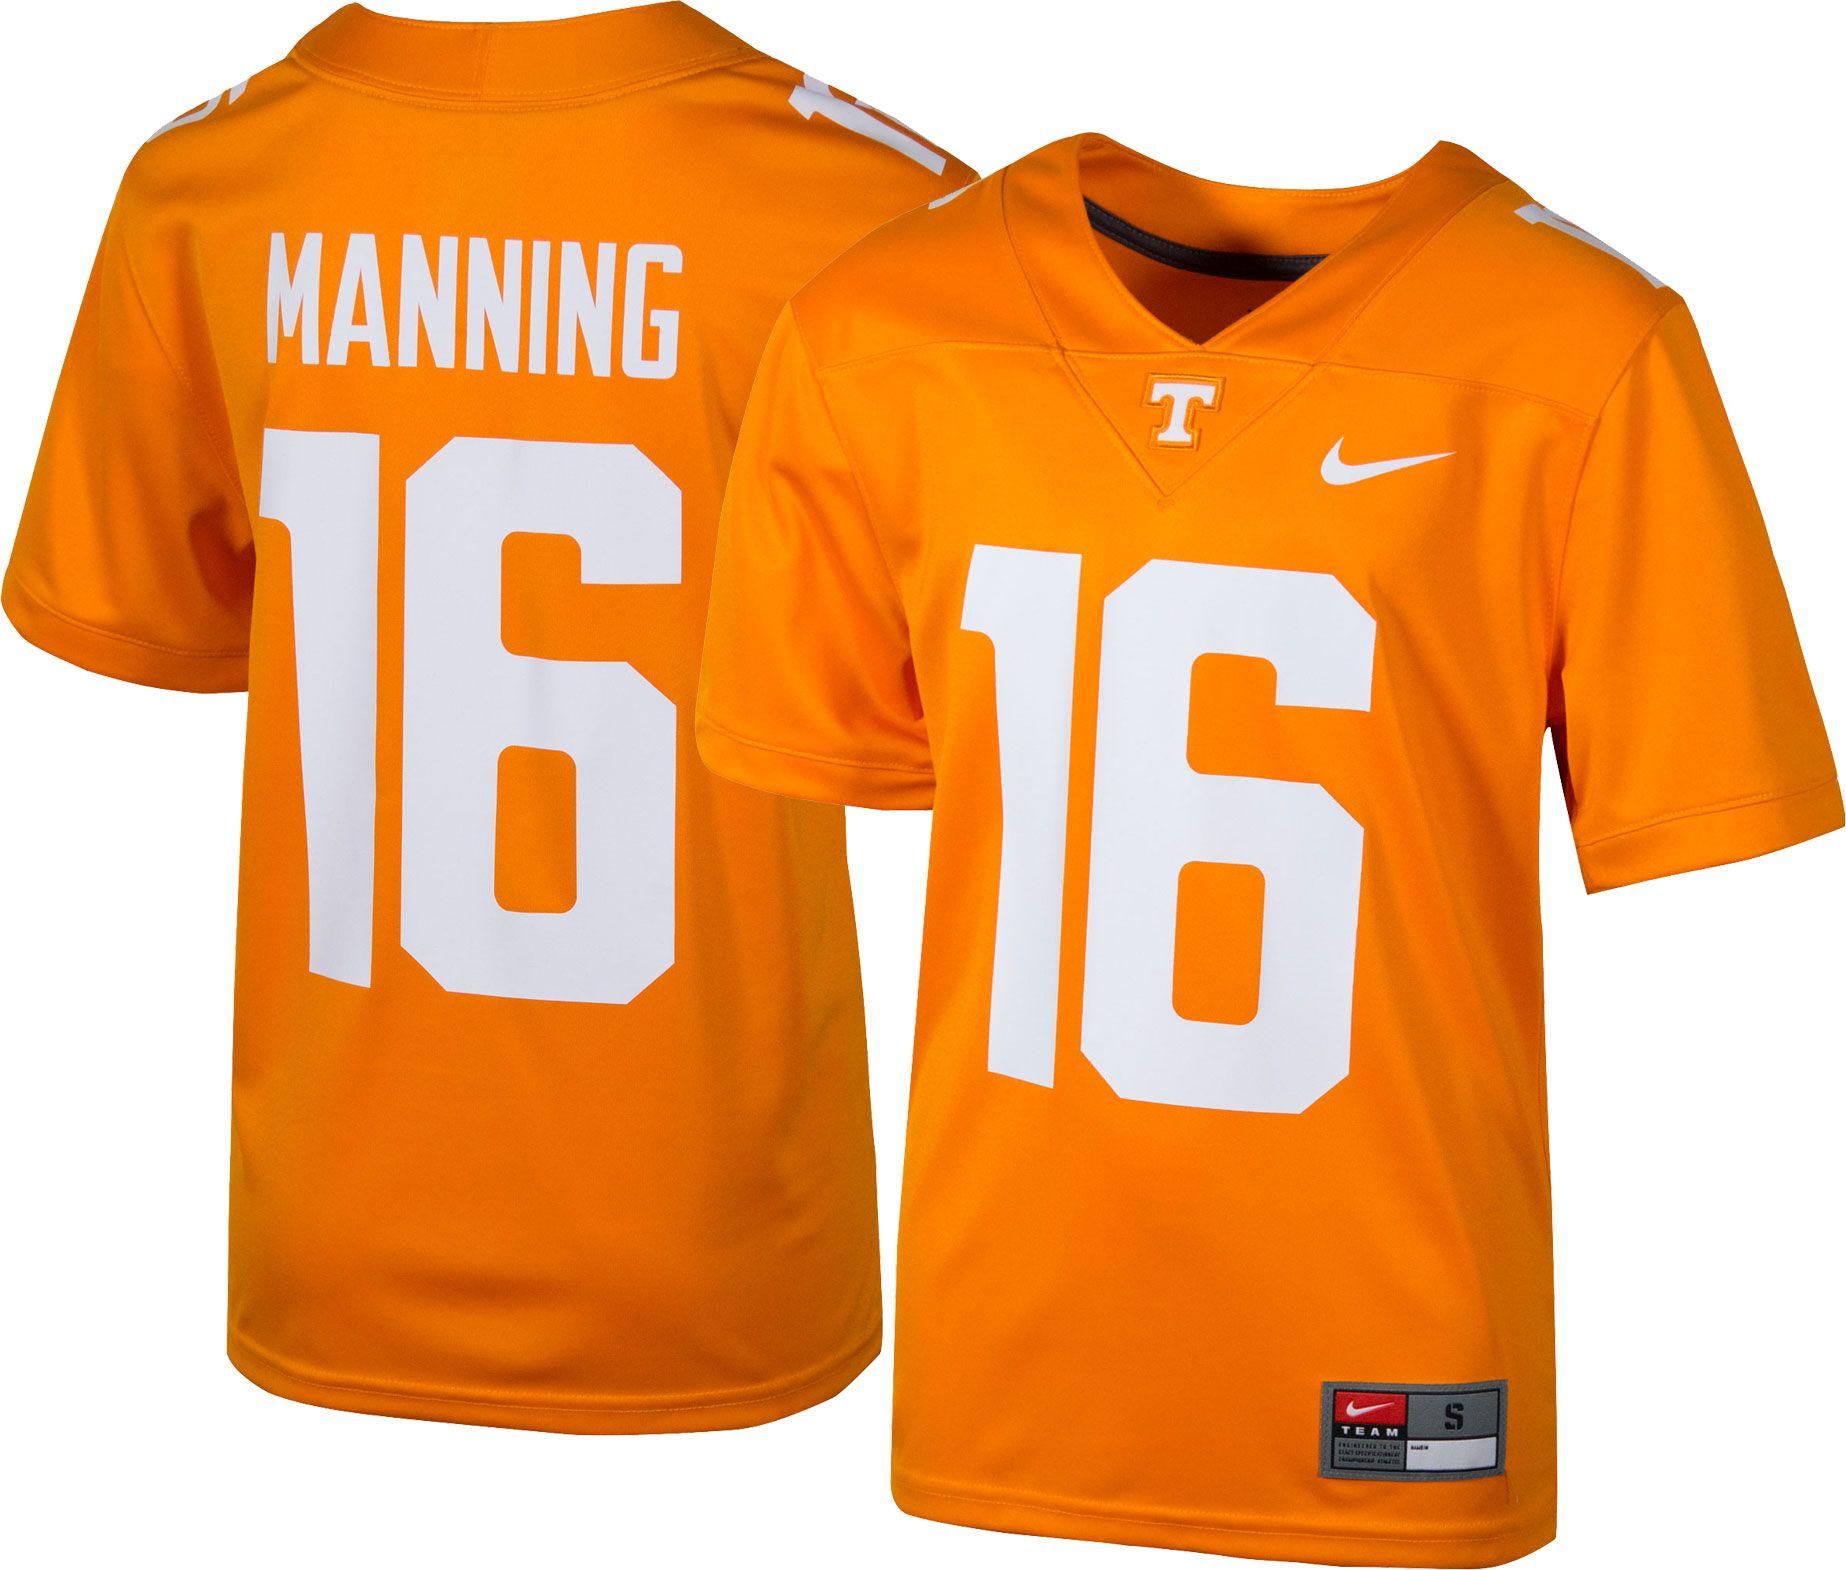 youth small peyton manning jersey